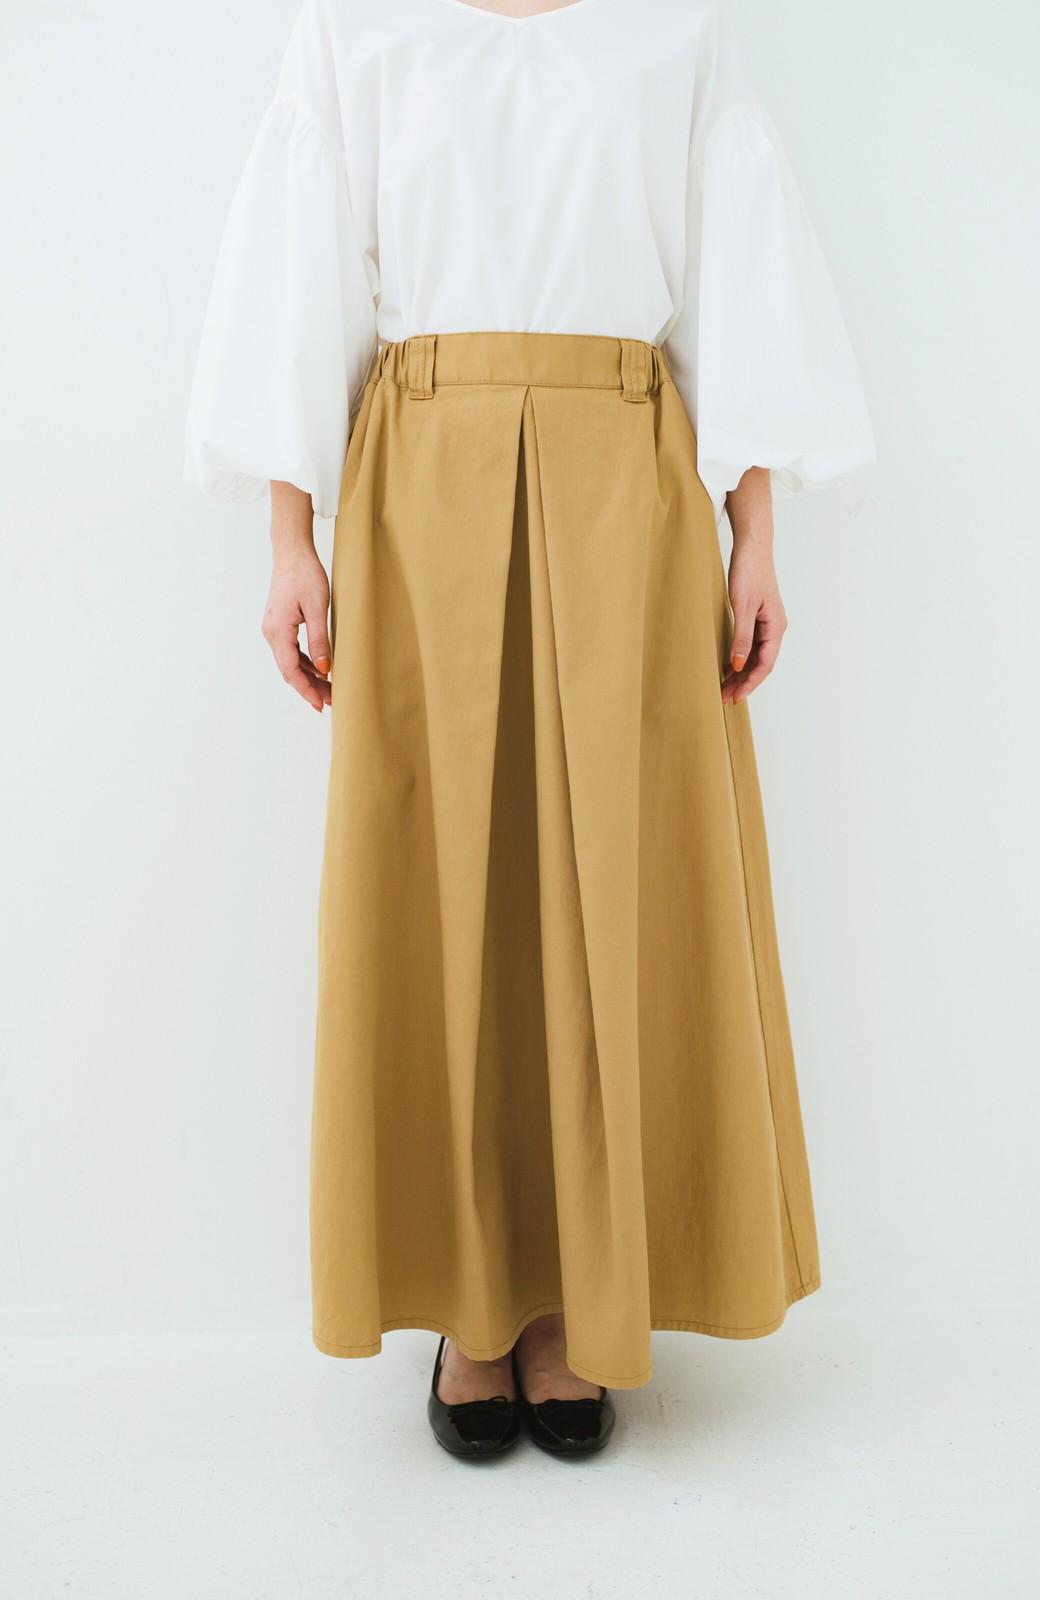 haco! 【スタッフスペシャルセット】ギリギリ女子ミオの夏のコーデに便利!手持ちのTシャツといけるんちゃうかセット  <その他>の商品写真13